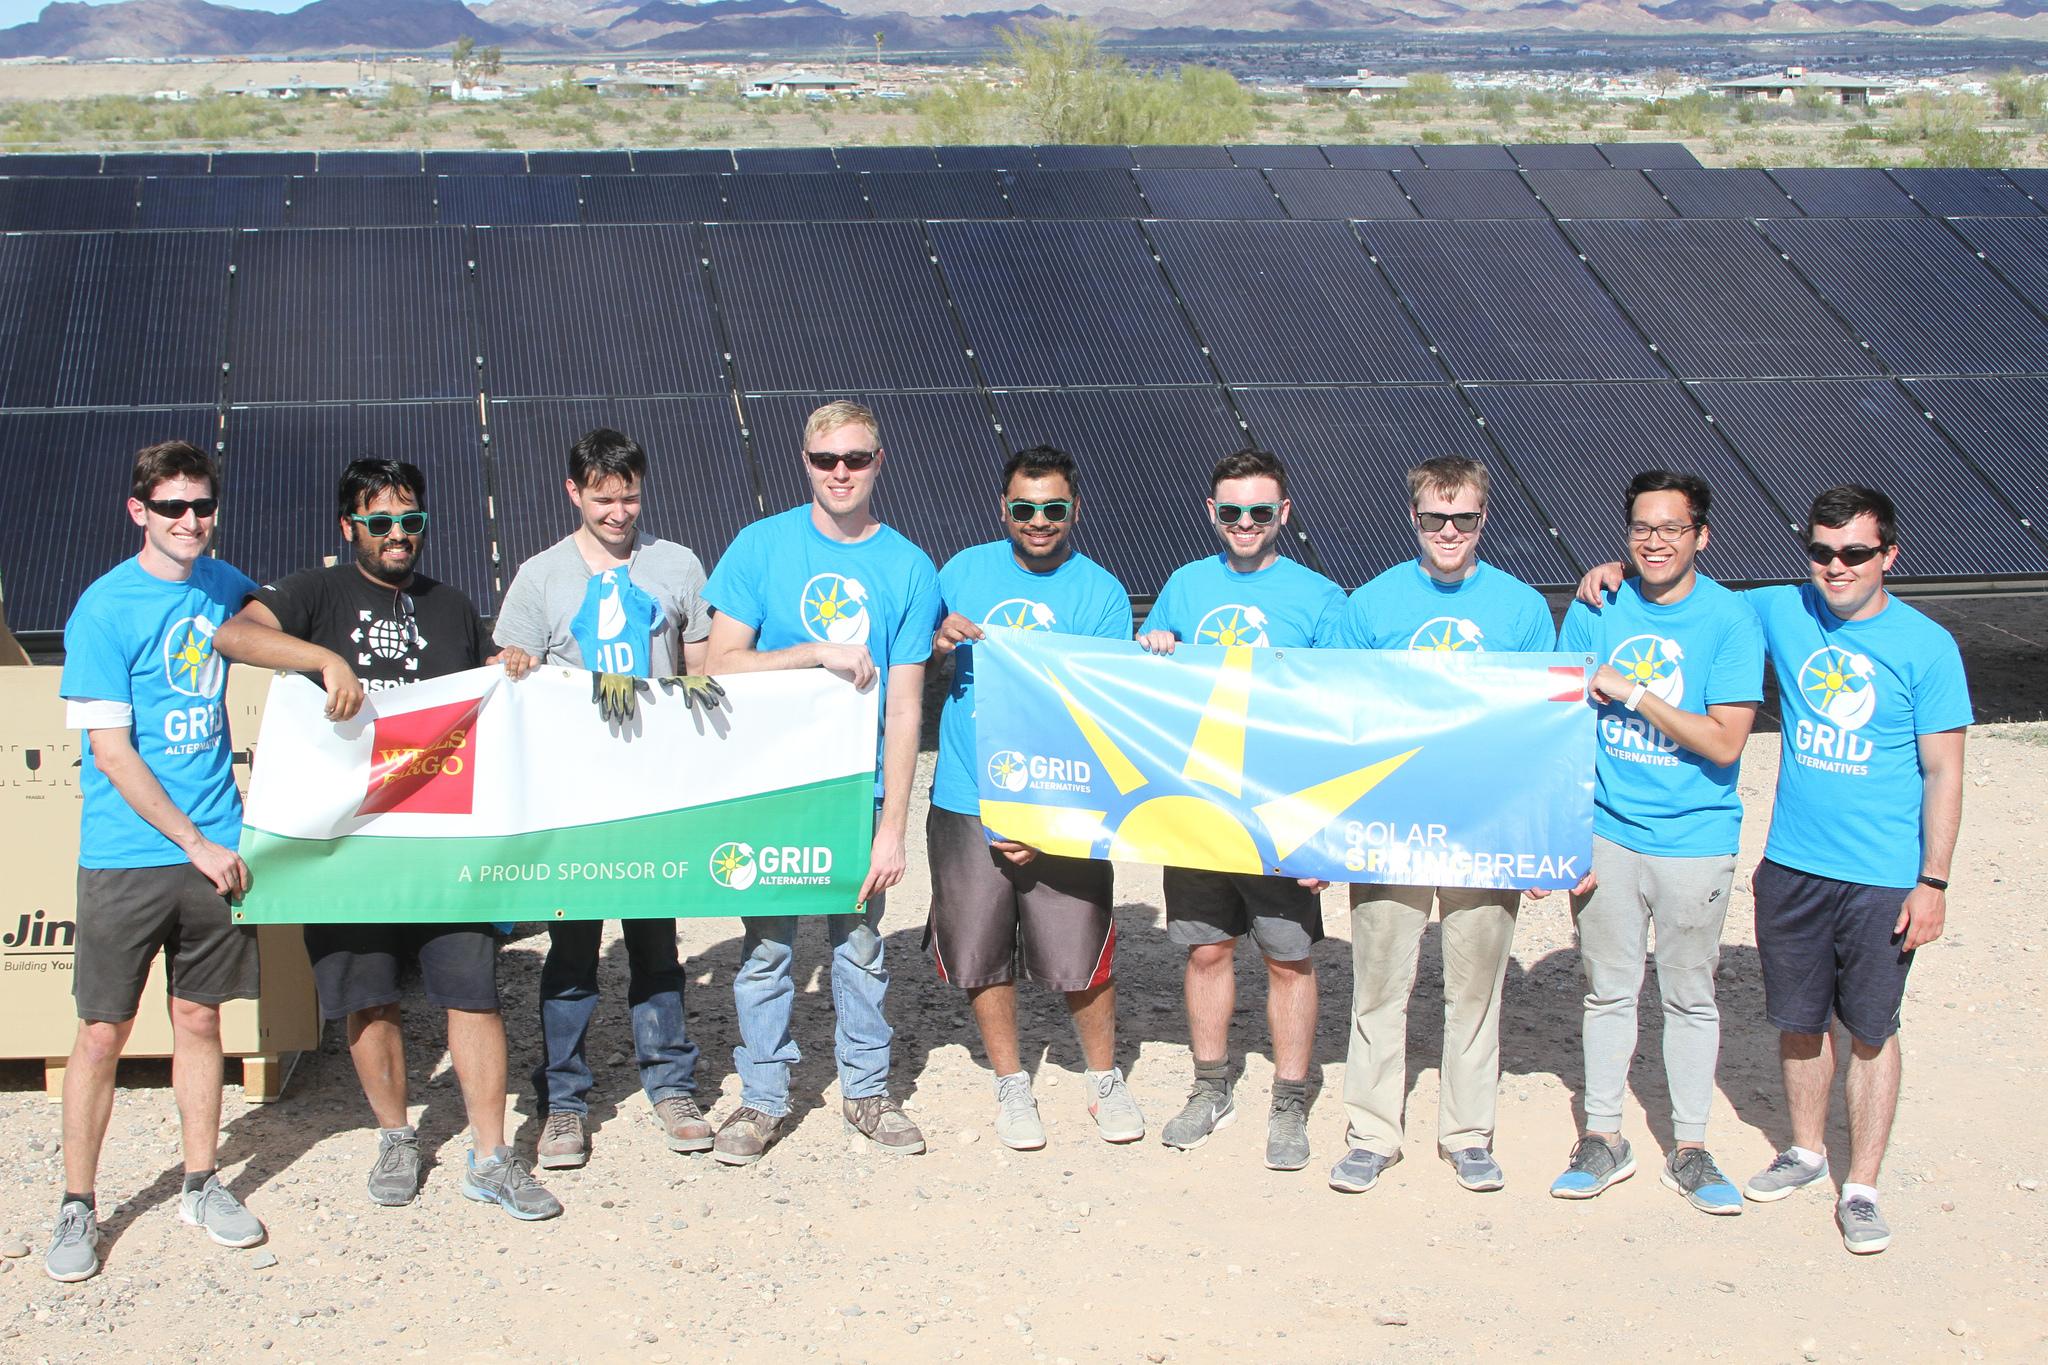 2019 Solar Spring Break students